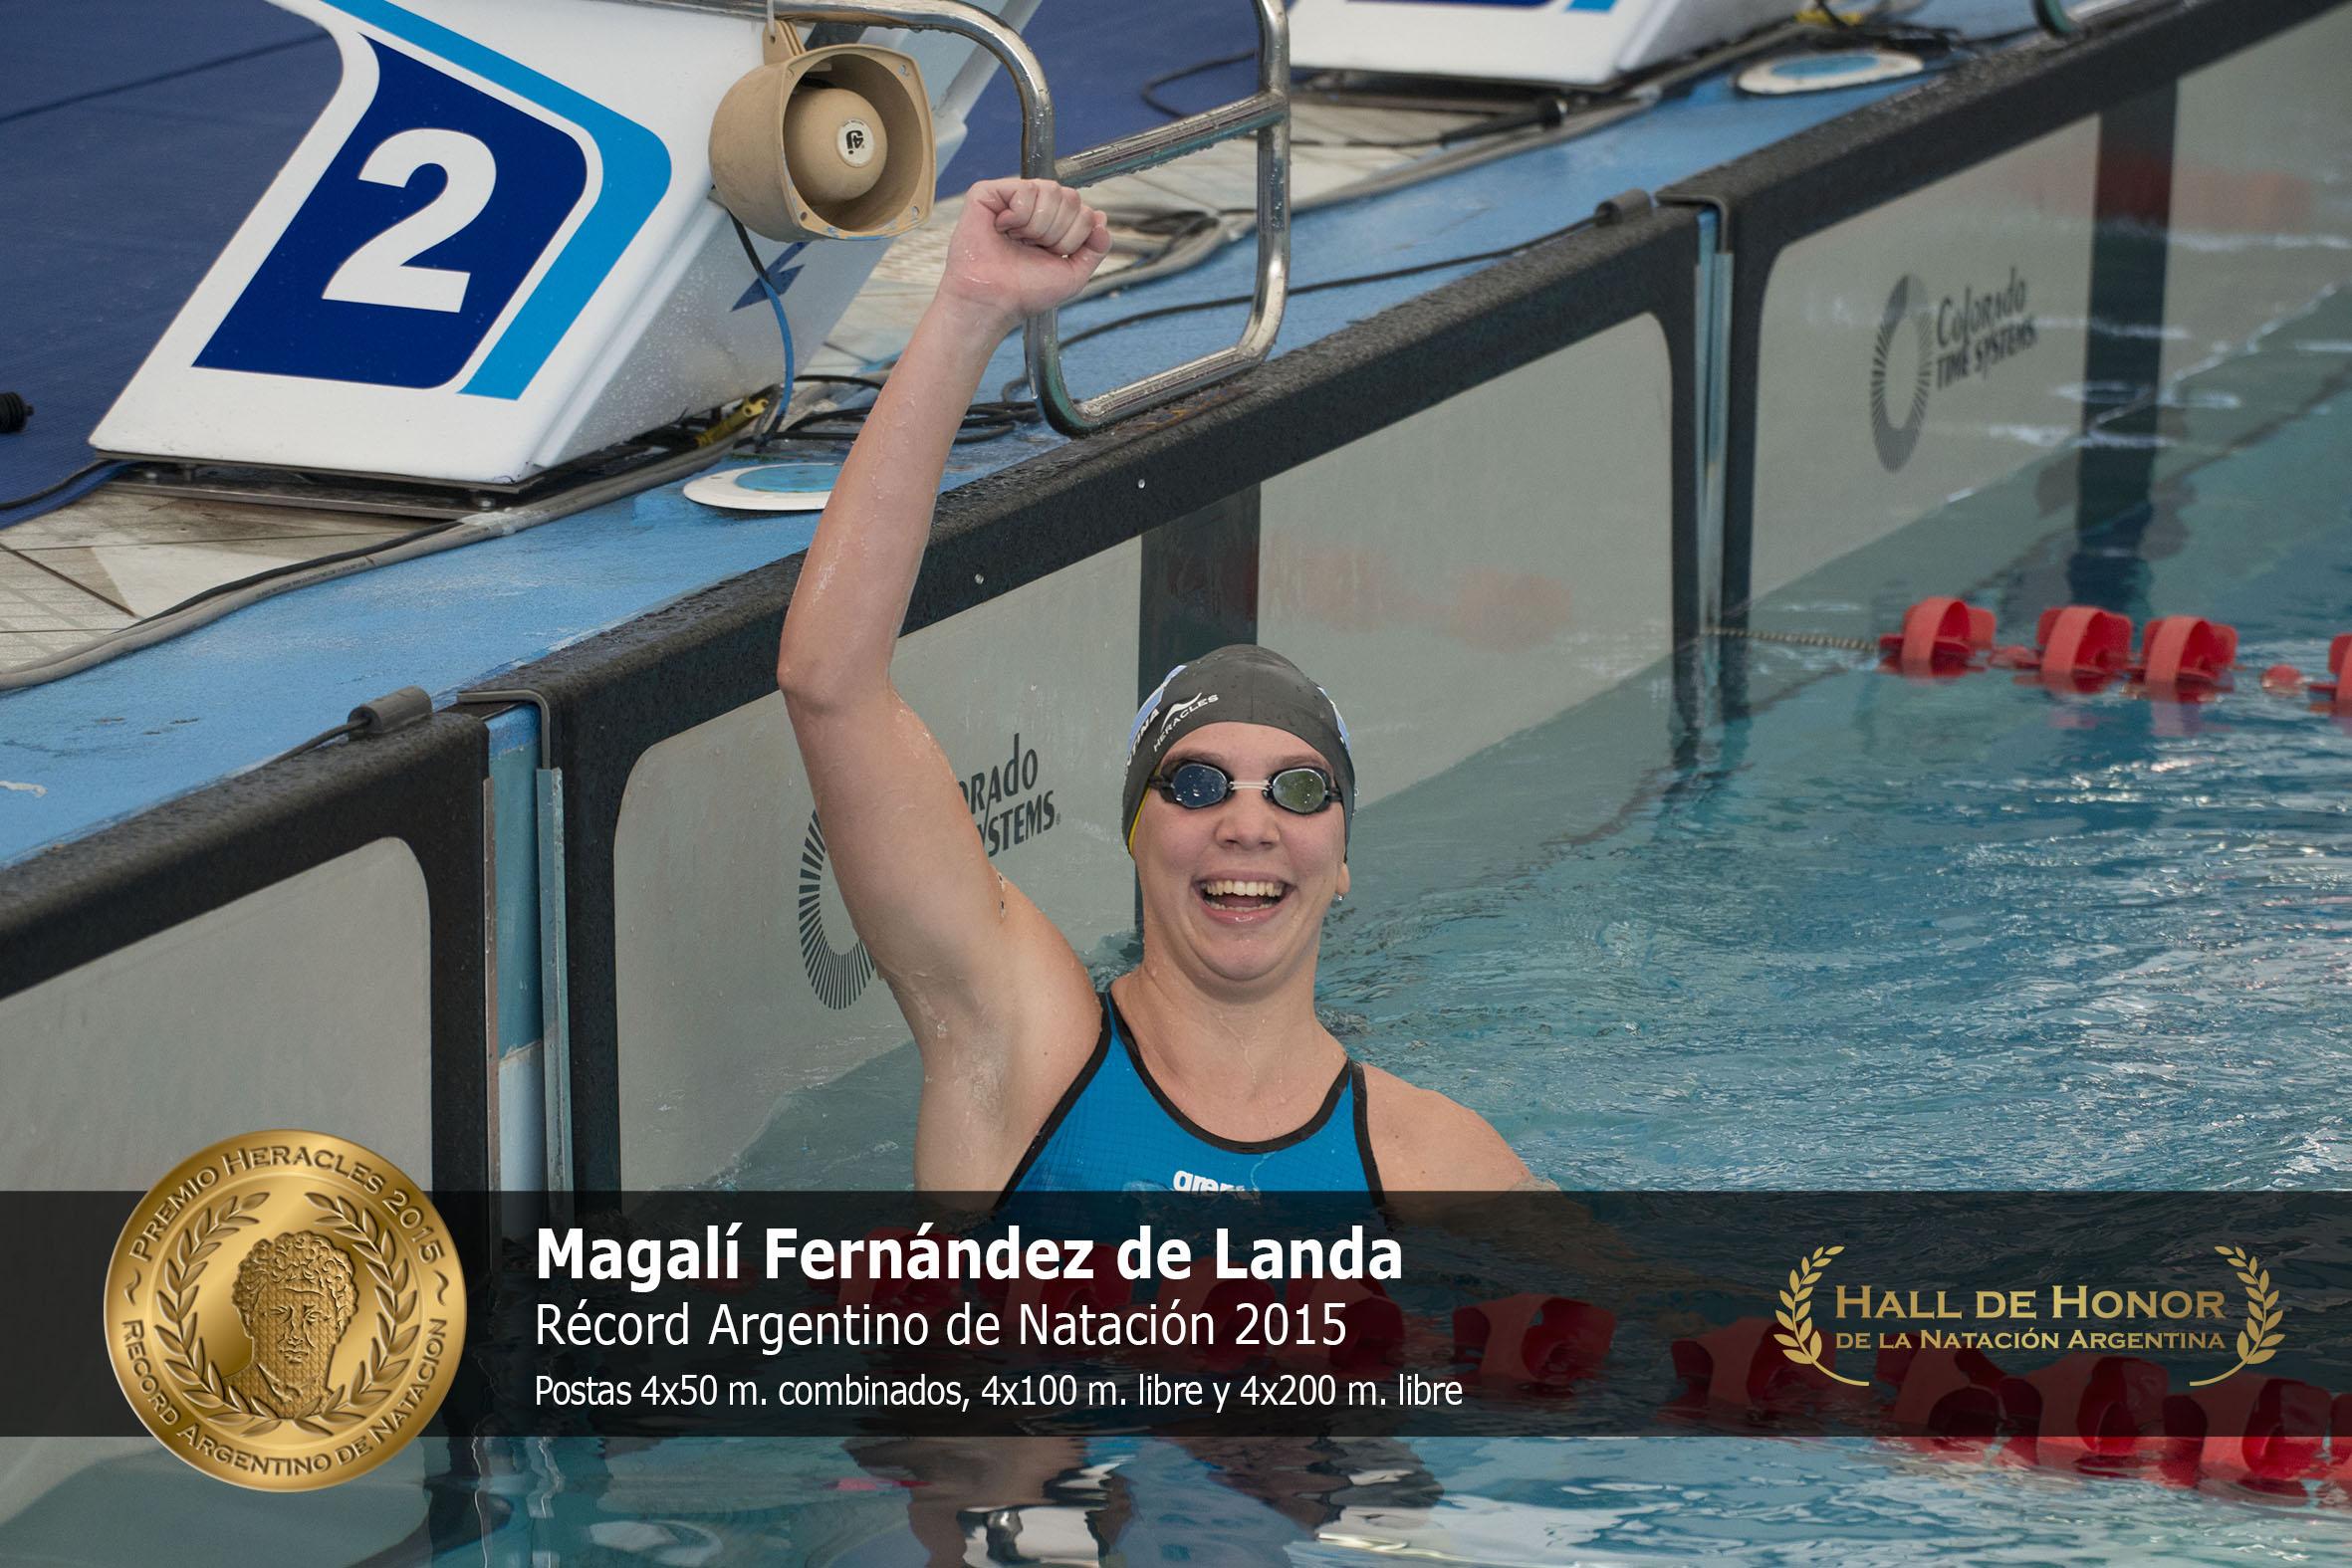 Magalí Fernández de Landa